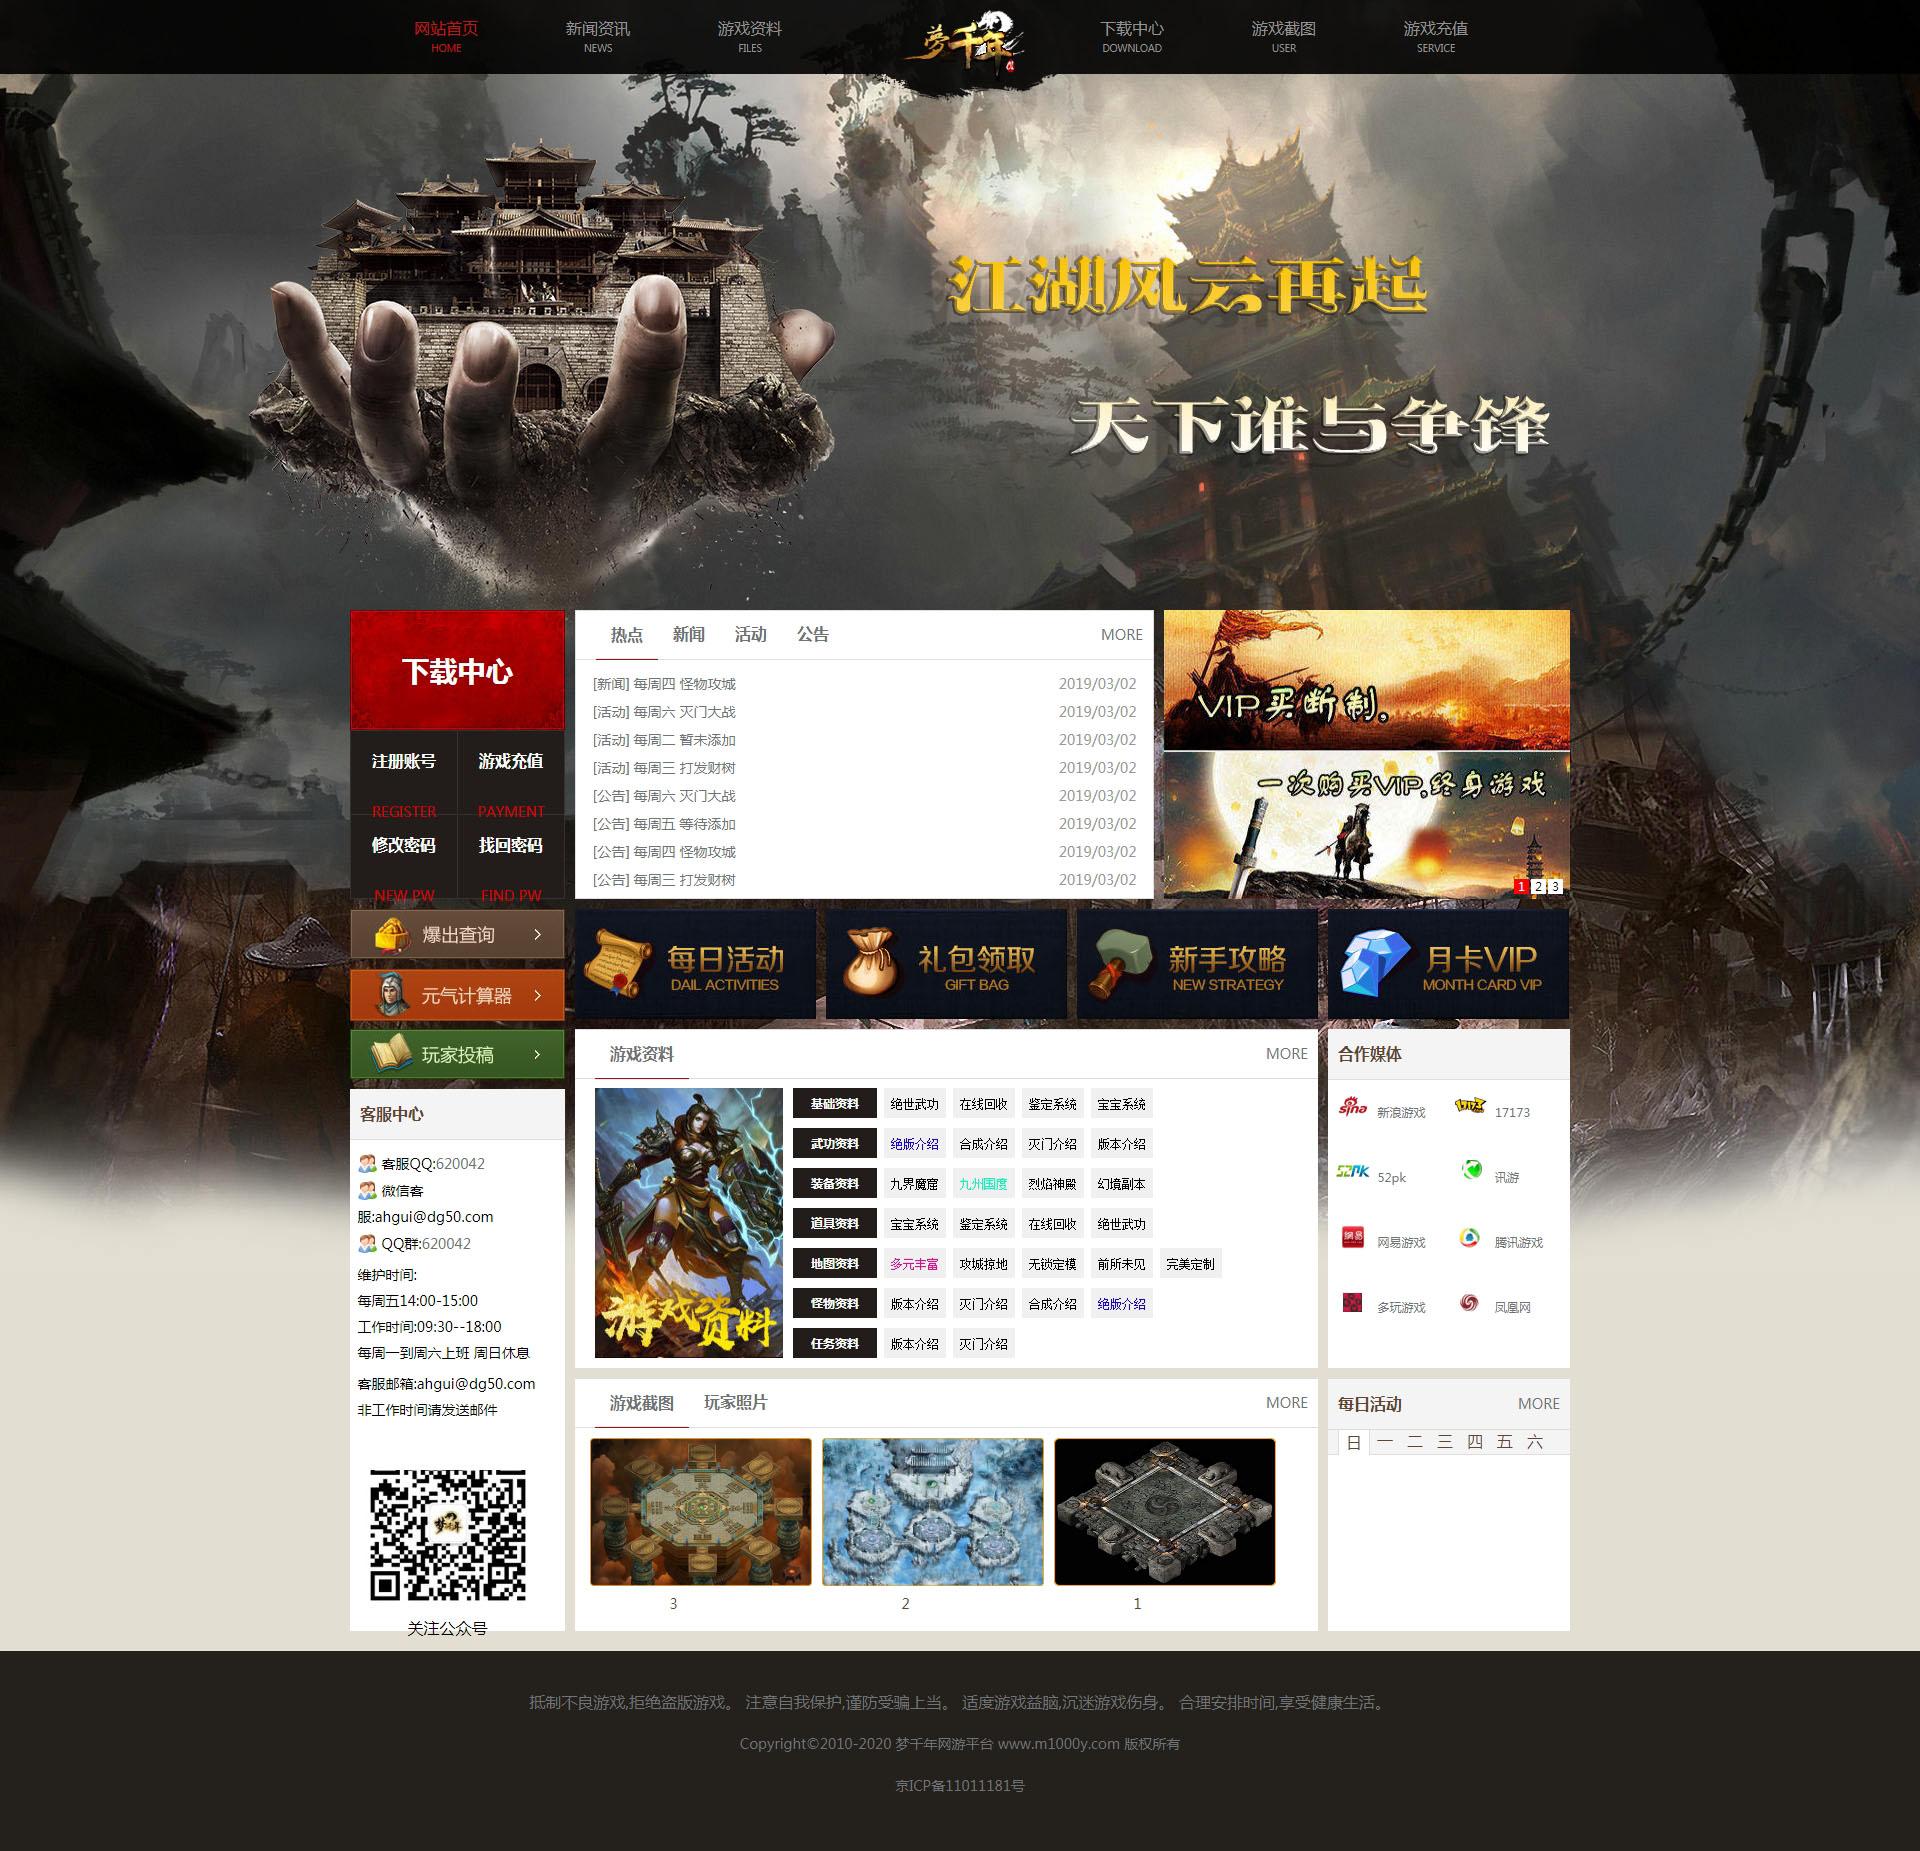 梦千年网站 游戏网模版ASP传奇源码 官网模板带后台